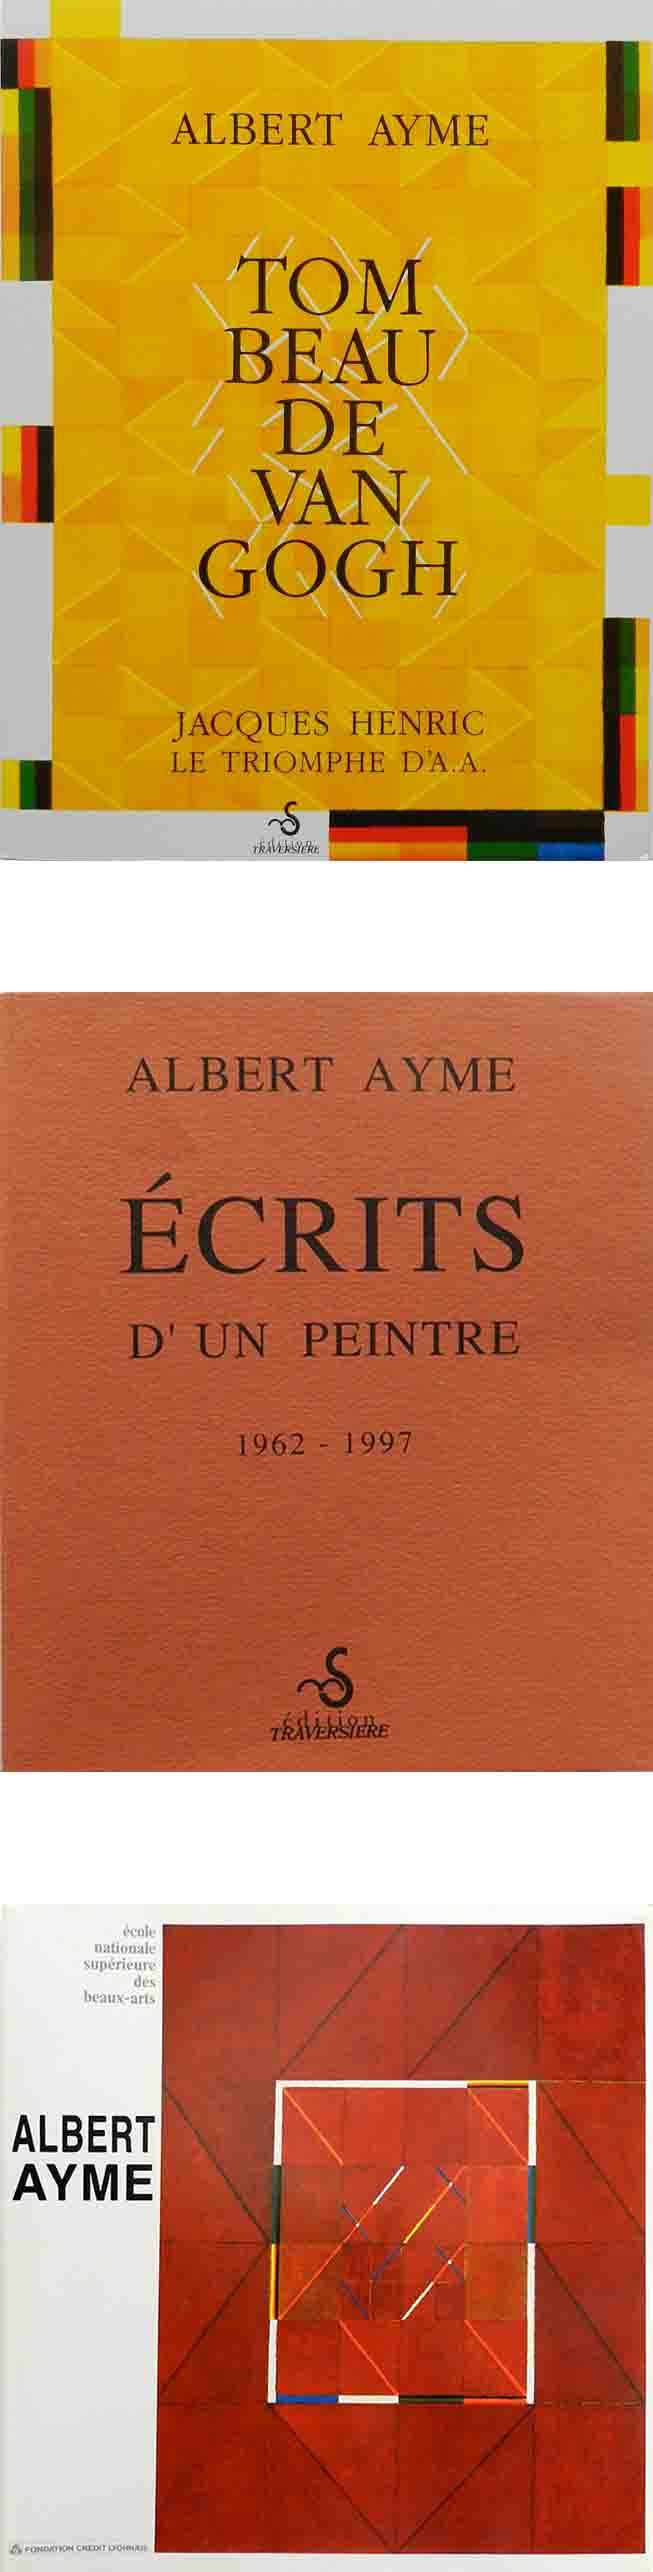 ALBERT AYME - TOMBEAU DE VAN GOGH